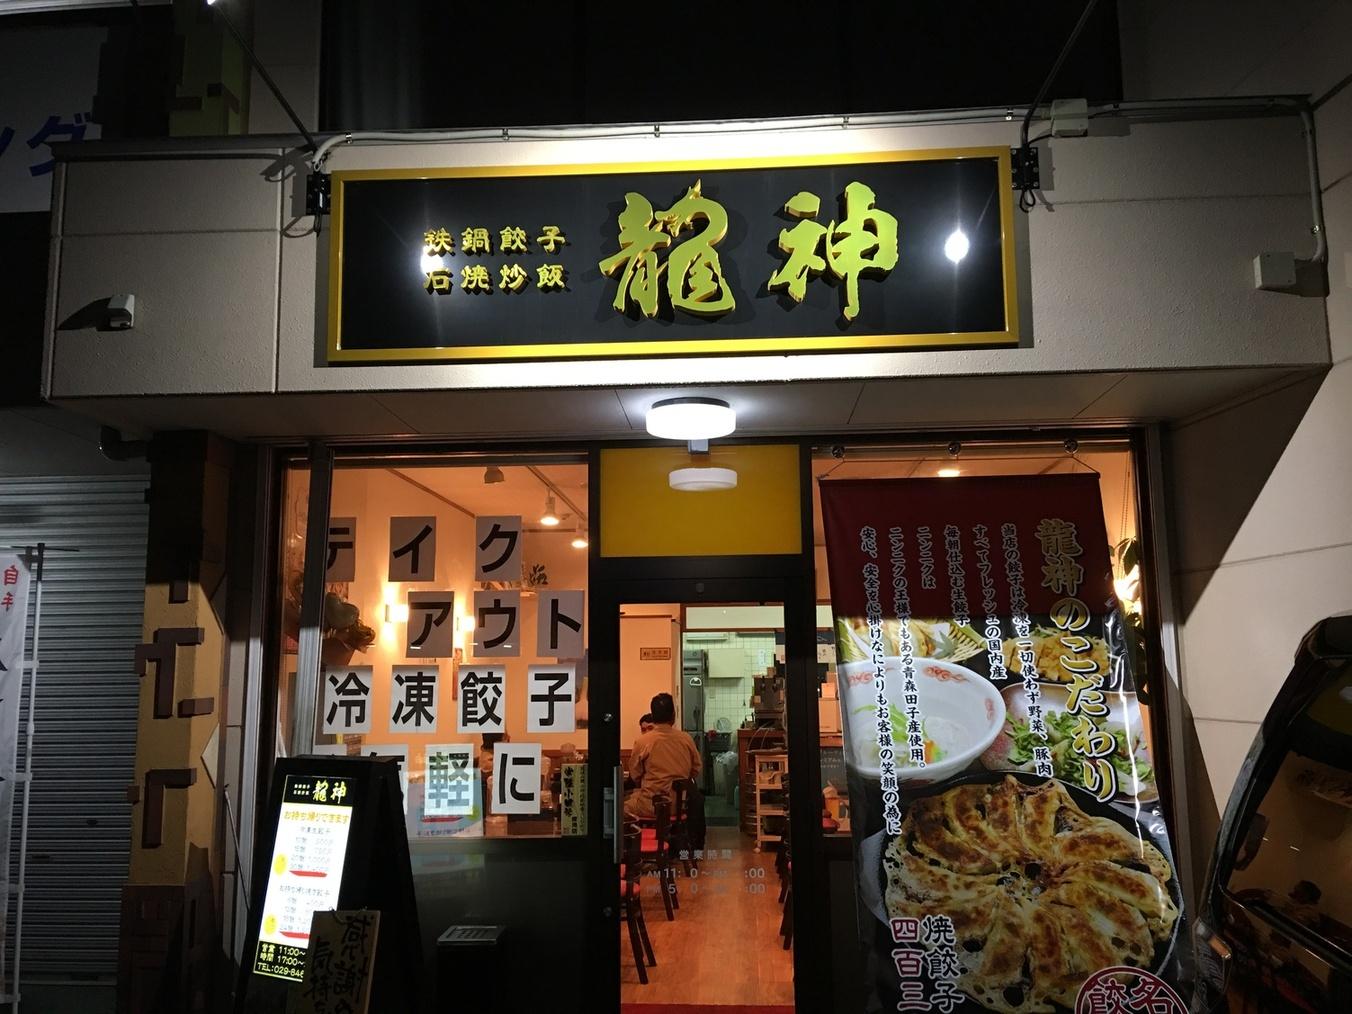 鉄鍋餃子・石焼炒飯 龍神